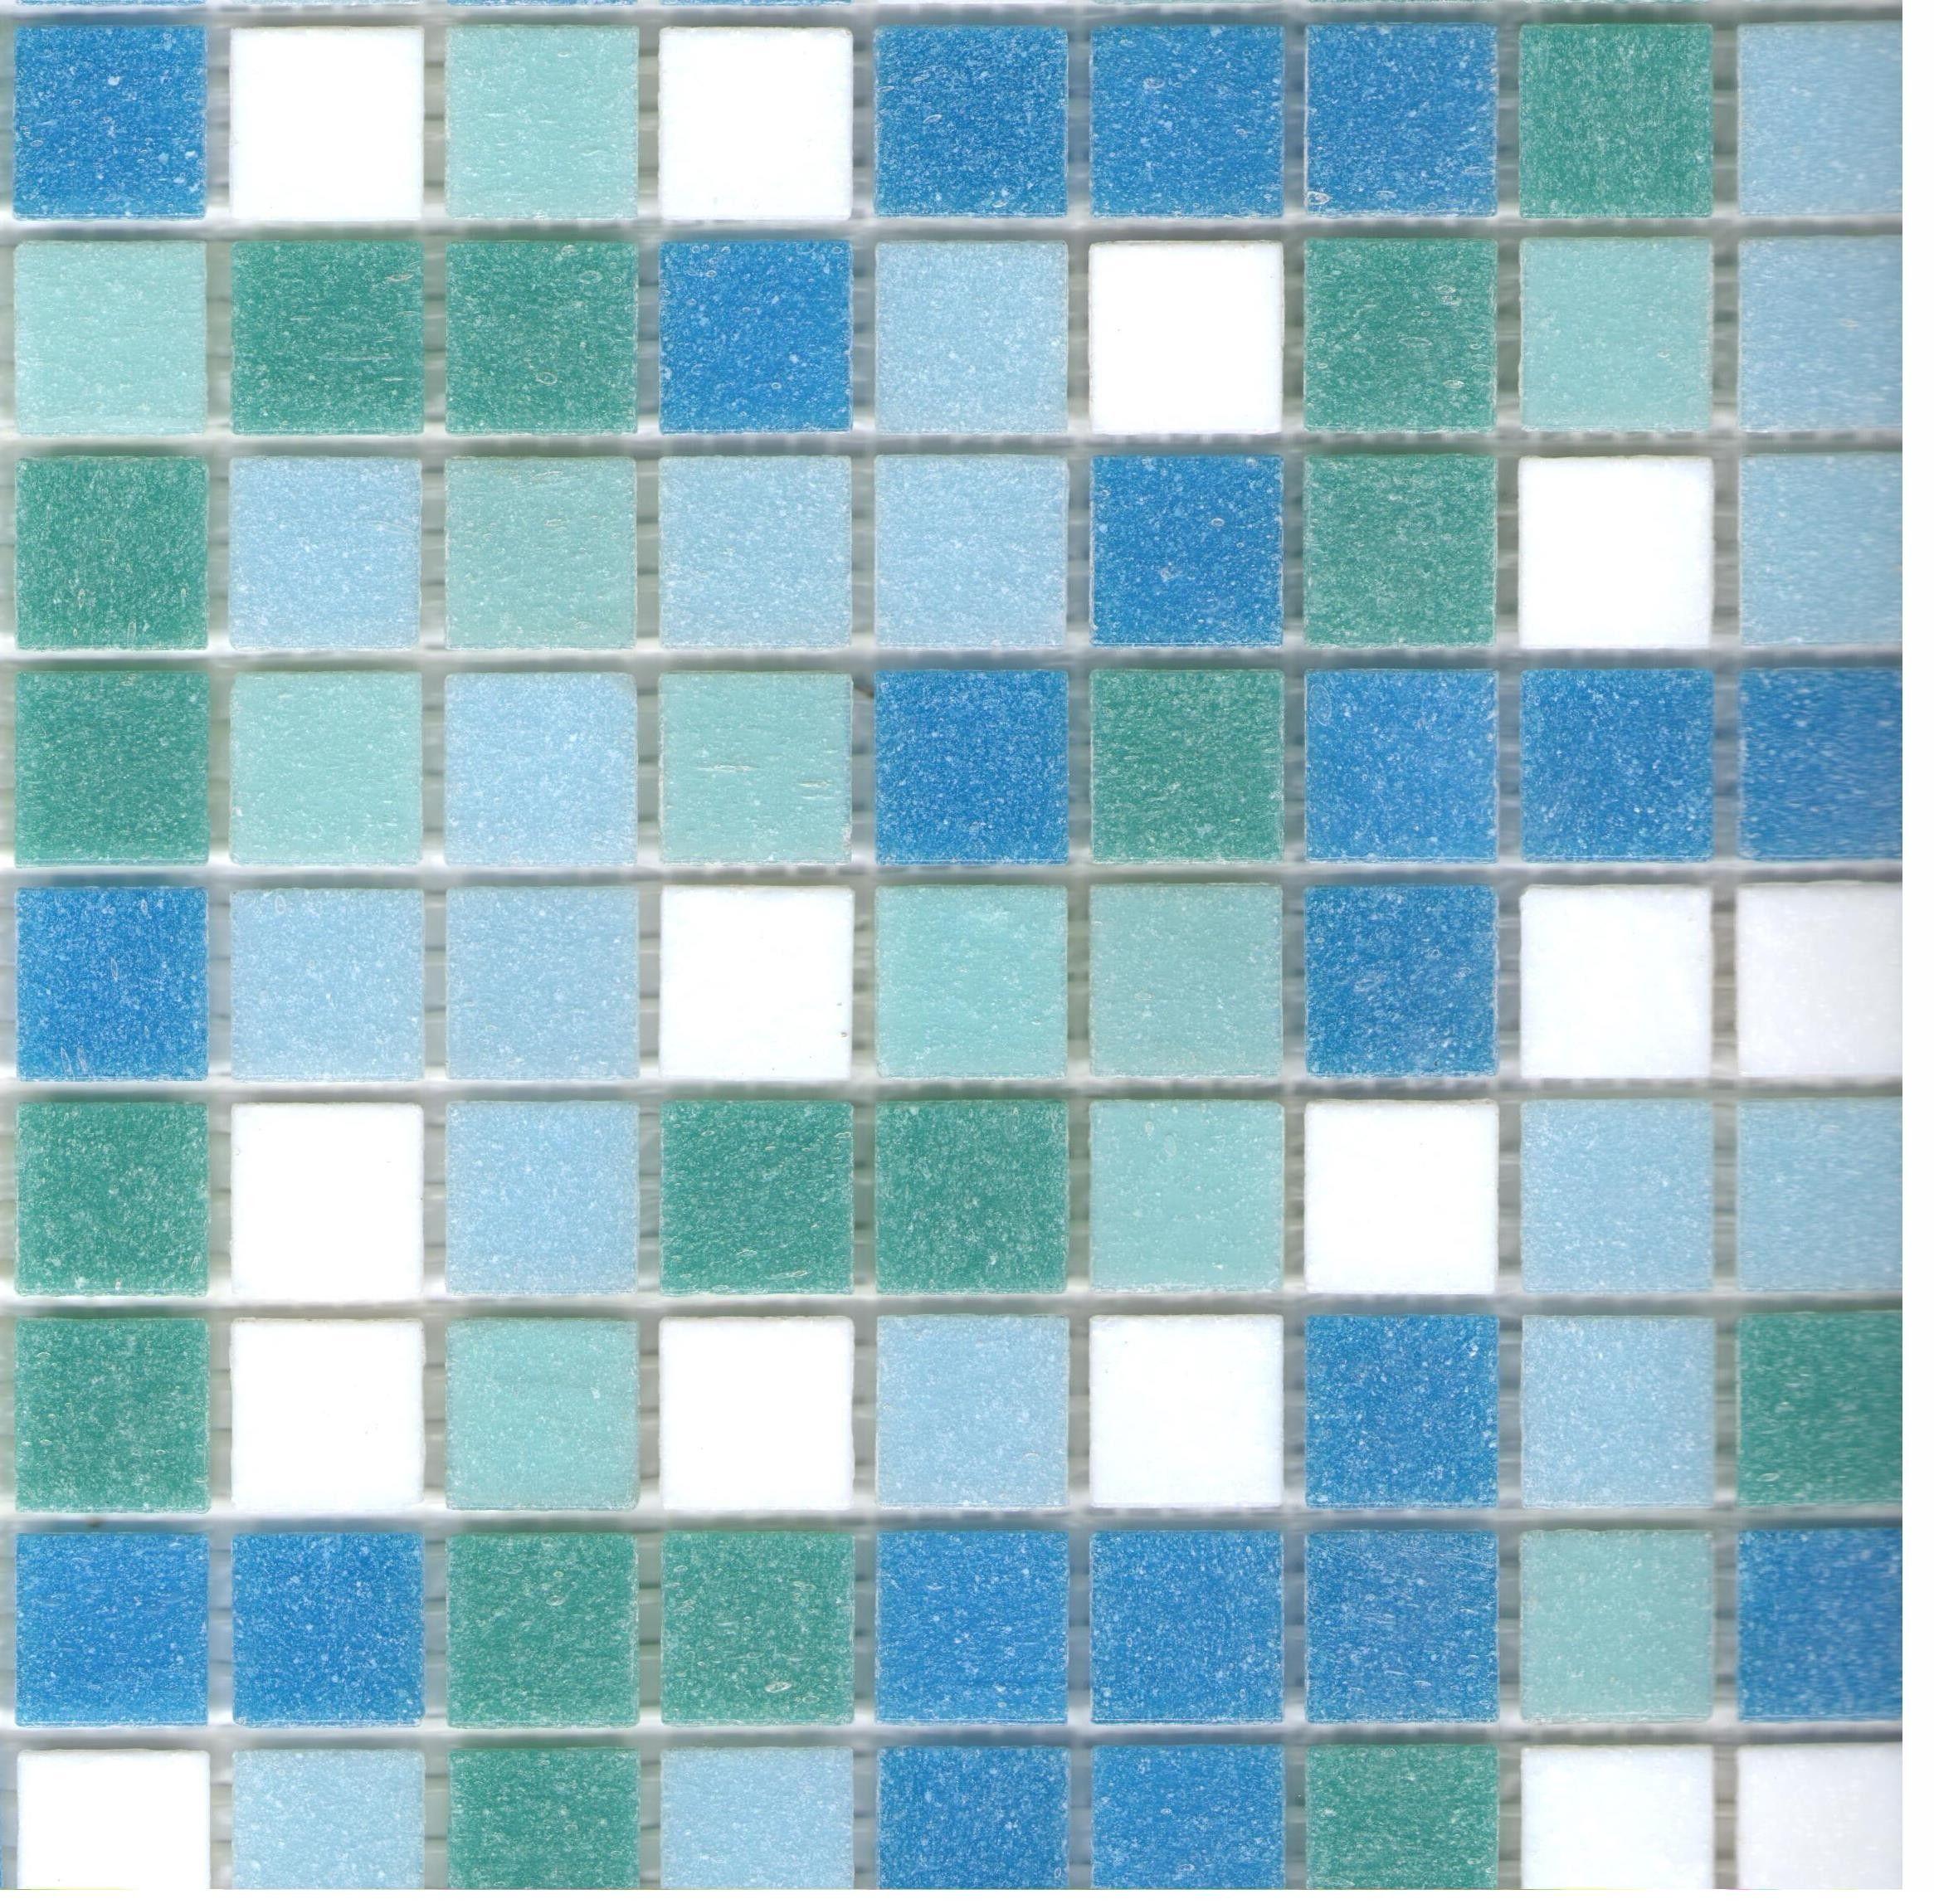 - Brio Fresh Blend Glass Mosaic Tile 3/4